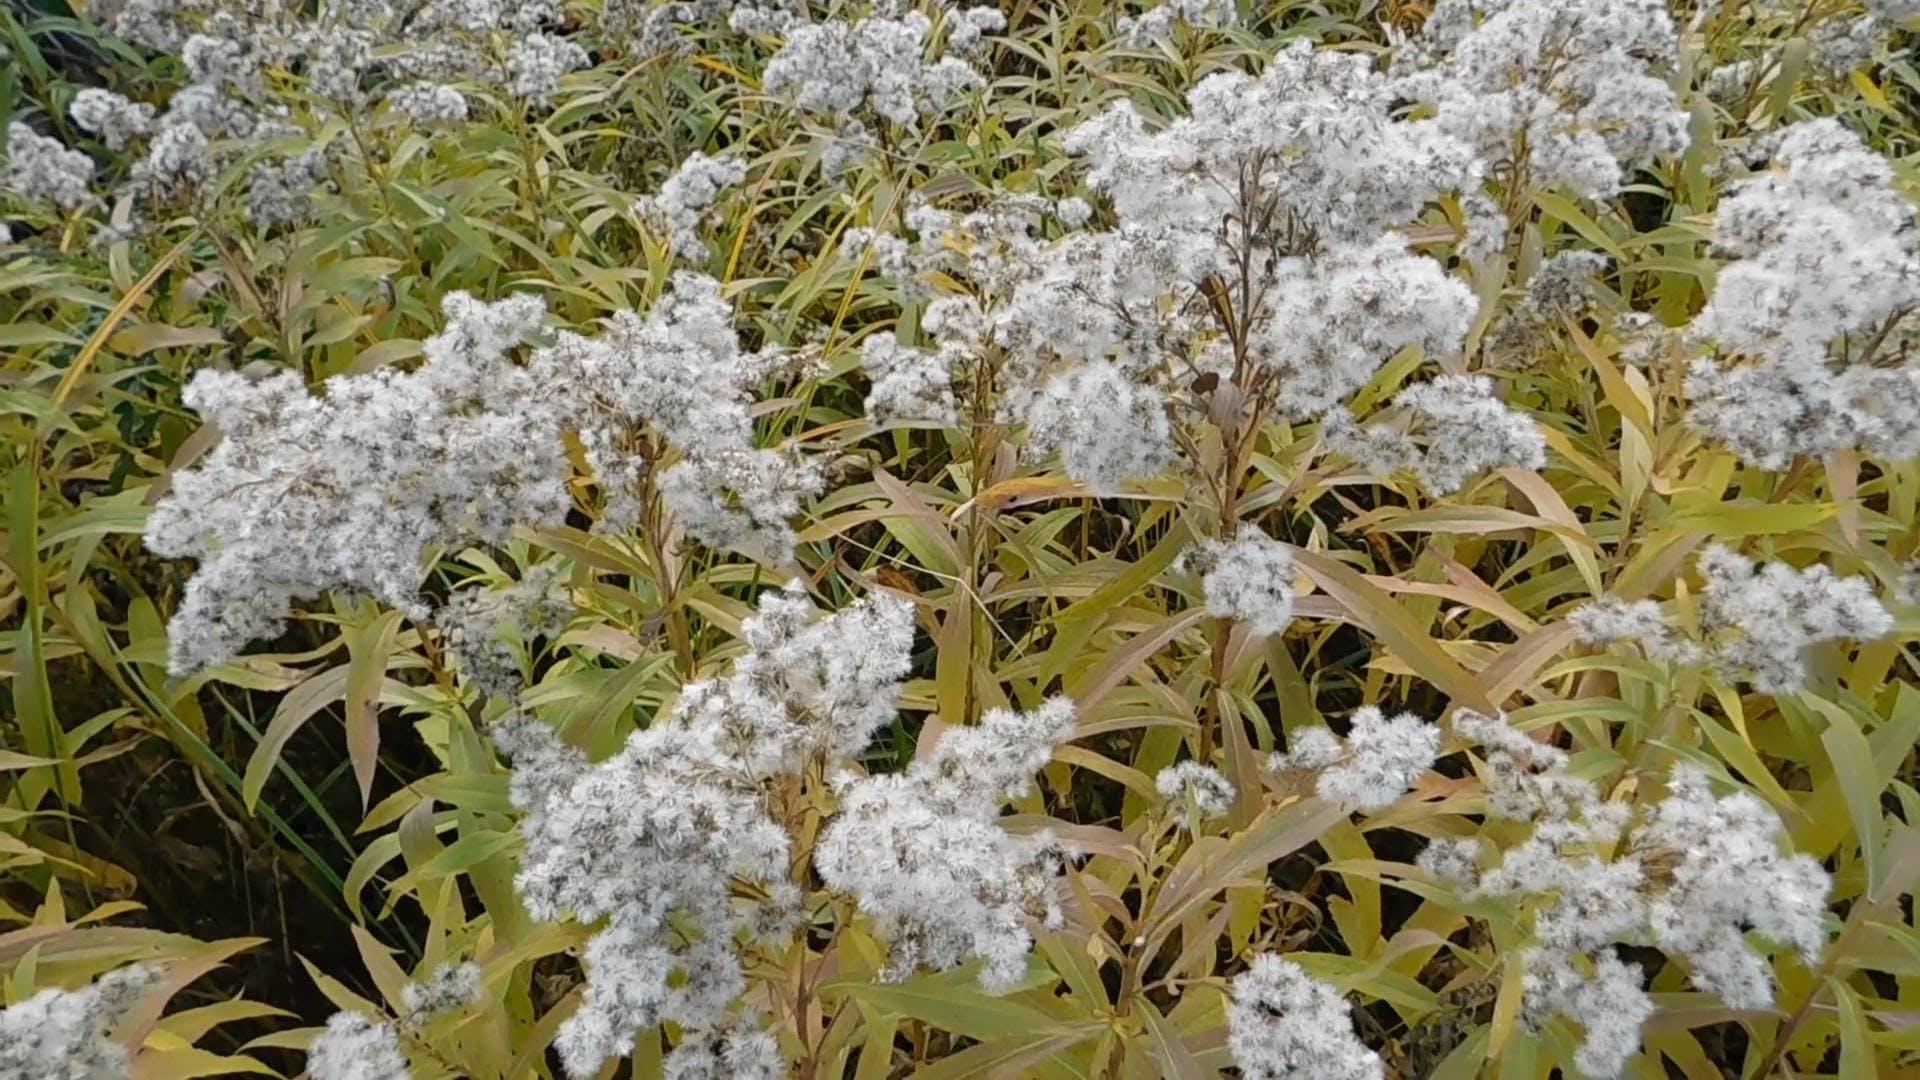 Grassland-Wild Flowers